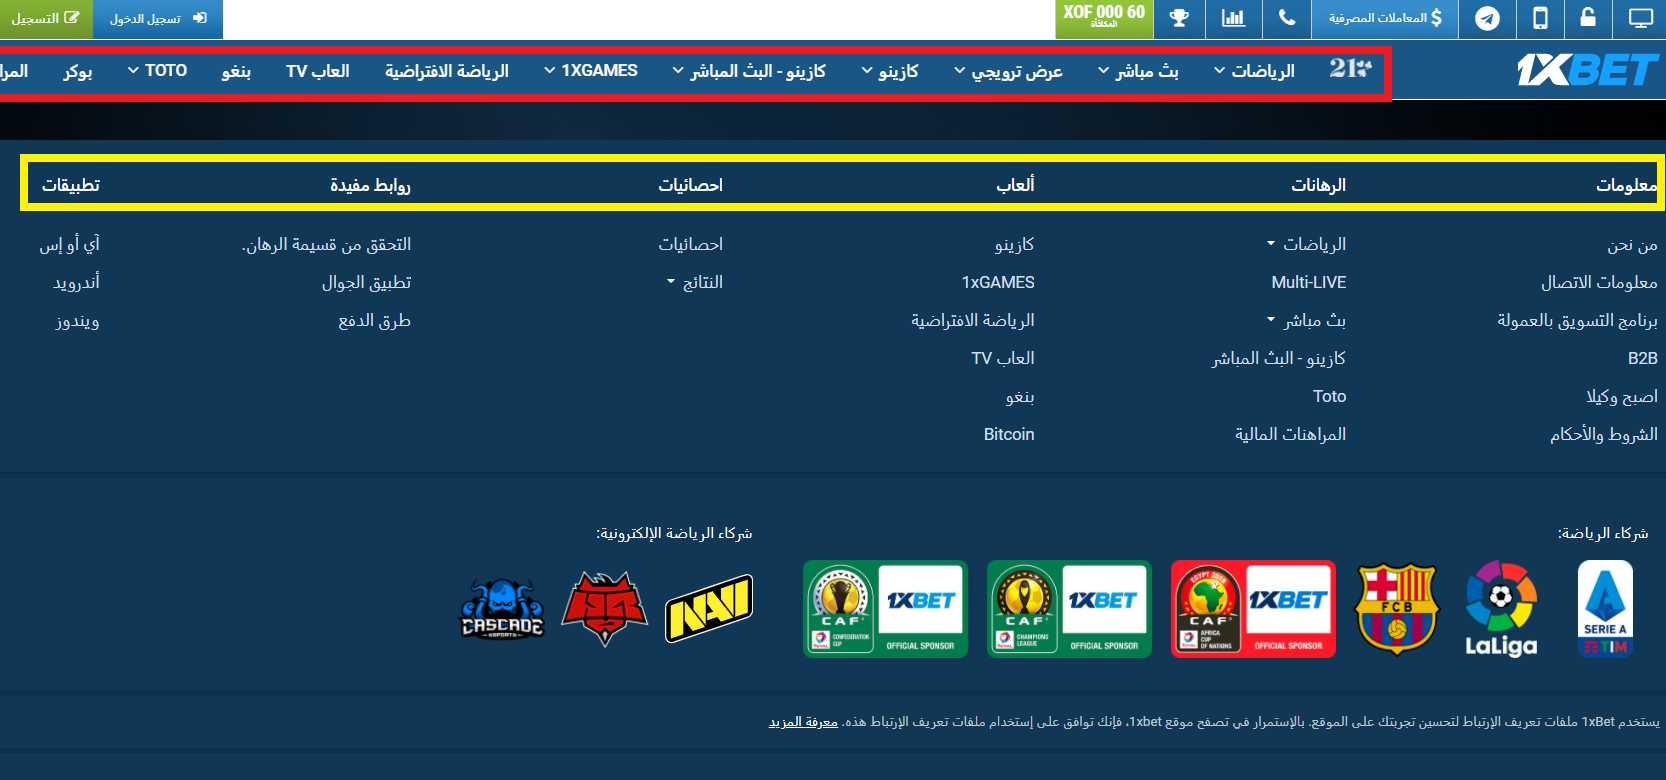 وضعیت سیستم های امنیتی در 1xBet Iran سایت